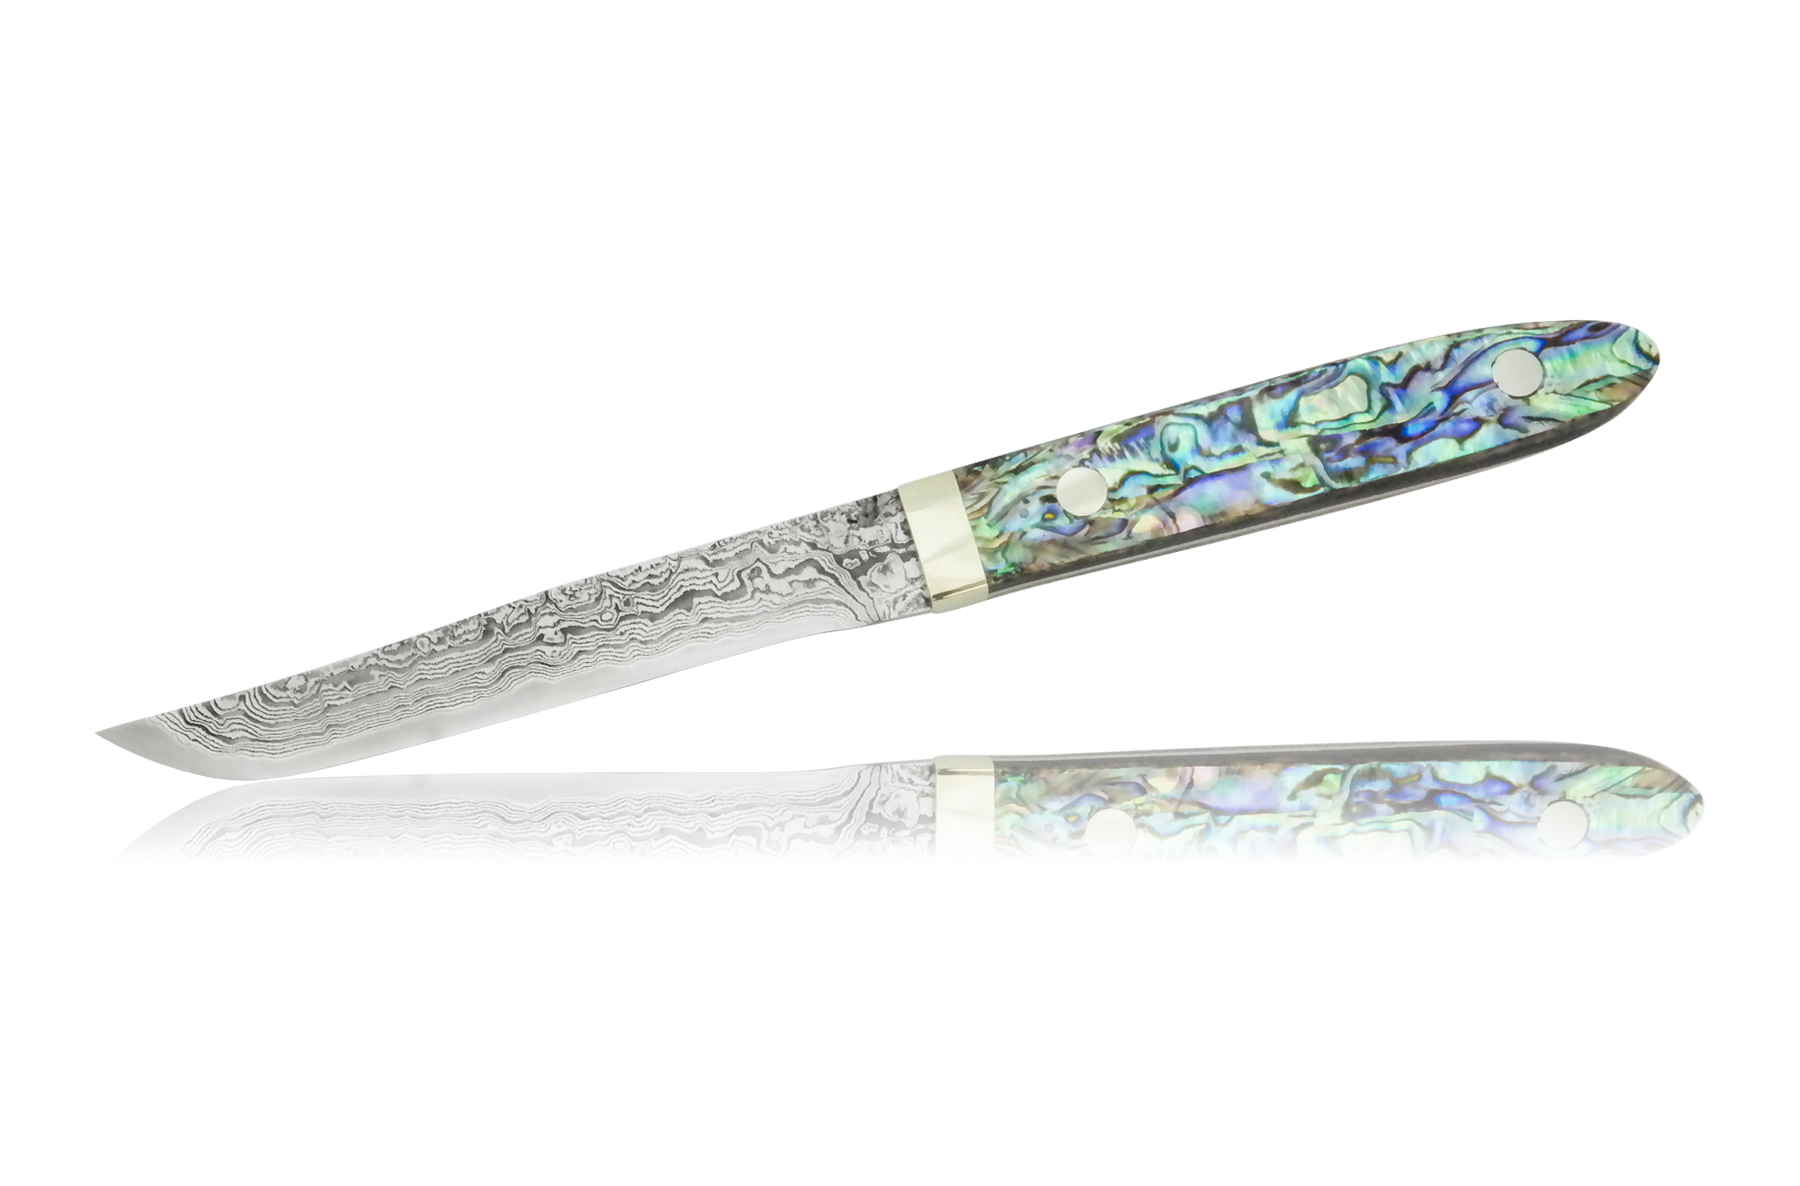 Нож кухонный дл стейка 110мм Hiroo Itou Damaskus HI-1123Hiroo Itou (Япони)<br>Нож кухонный дл стейка 110мм Hiroo Itou Damaskus HI-1123<br><br>Отличительные особенности<br>Что резать:порционный нож дл приема пищи.<br>Материал лезви:R2 – химический состав стали R2 не разглашаетс, известно только, что сталь порошкова. Сталь превосходит все известные ножевые стали (в том числе Cowry X и ZDP-189) по всем основным показателм — сохранени остроты режущей кромки, прочности и сопротивлени ржавчине.<br>Еще одной особенность изготовлени клинков из стали R2 влетс то, что не использутс гриндерные станки дл формировани спусков, не без оснований счита, что они слишком перегреват сталь. Клинки обрабатыватс на медленно вращащемс водном каменном круге.<br>Материал рукотки:Перламутр - внутренний слой раковин пресноводных и морских моллсков, влетс органико-неорганическим композитом натурального происхождени. Жемчуг и перламутр имет почти одинаковый состав.<br>Кому подойдет:авторские, ксклзивные ножи дл истенных ценителей.<br>Описание<br>Хиро Ито - понский мастер из города Fukui (Фукуи), с западного побережь понского острова Хонс.<br><br>Мастер начал делать ножи в 1986 году. Первоначально то была американска технологи, крайне популрна в Японии по сей день: шлифовка клинка из заготовки.<br>С 1987 года начинает профессионально заниматьс ковкой. С 1995 года начинает применть дл своих ножей сталь марки R2, разработанну им совместно с инженерами Kobe Steel Company дл ножей. Это порошковый нержавещий быстрорез с содержанием углерода более 2%. Дл упрочнени клинка и повышени его декоративных свойств, клинки украшат многослойной (33 сло) узорчатой сталь на основе никелевых и хромистых сталей. После травлени новые ножи полирут и получат неповториму по качеству режущу кромку, обладащу великолепными режущими свойствами. Финальну доводку лезви мастер Хиро Ито тоже проводит вручну, счита, что водный полировочный круг на малых оборотах - тоидеальный вариант доводки дл правильного клинка.<br>Материал дл